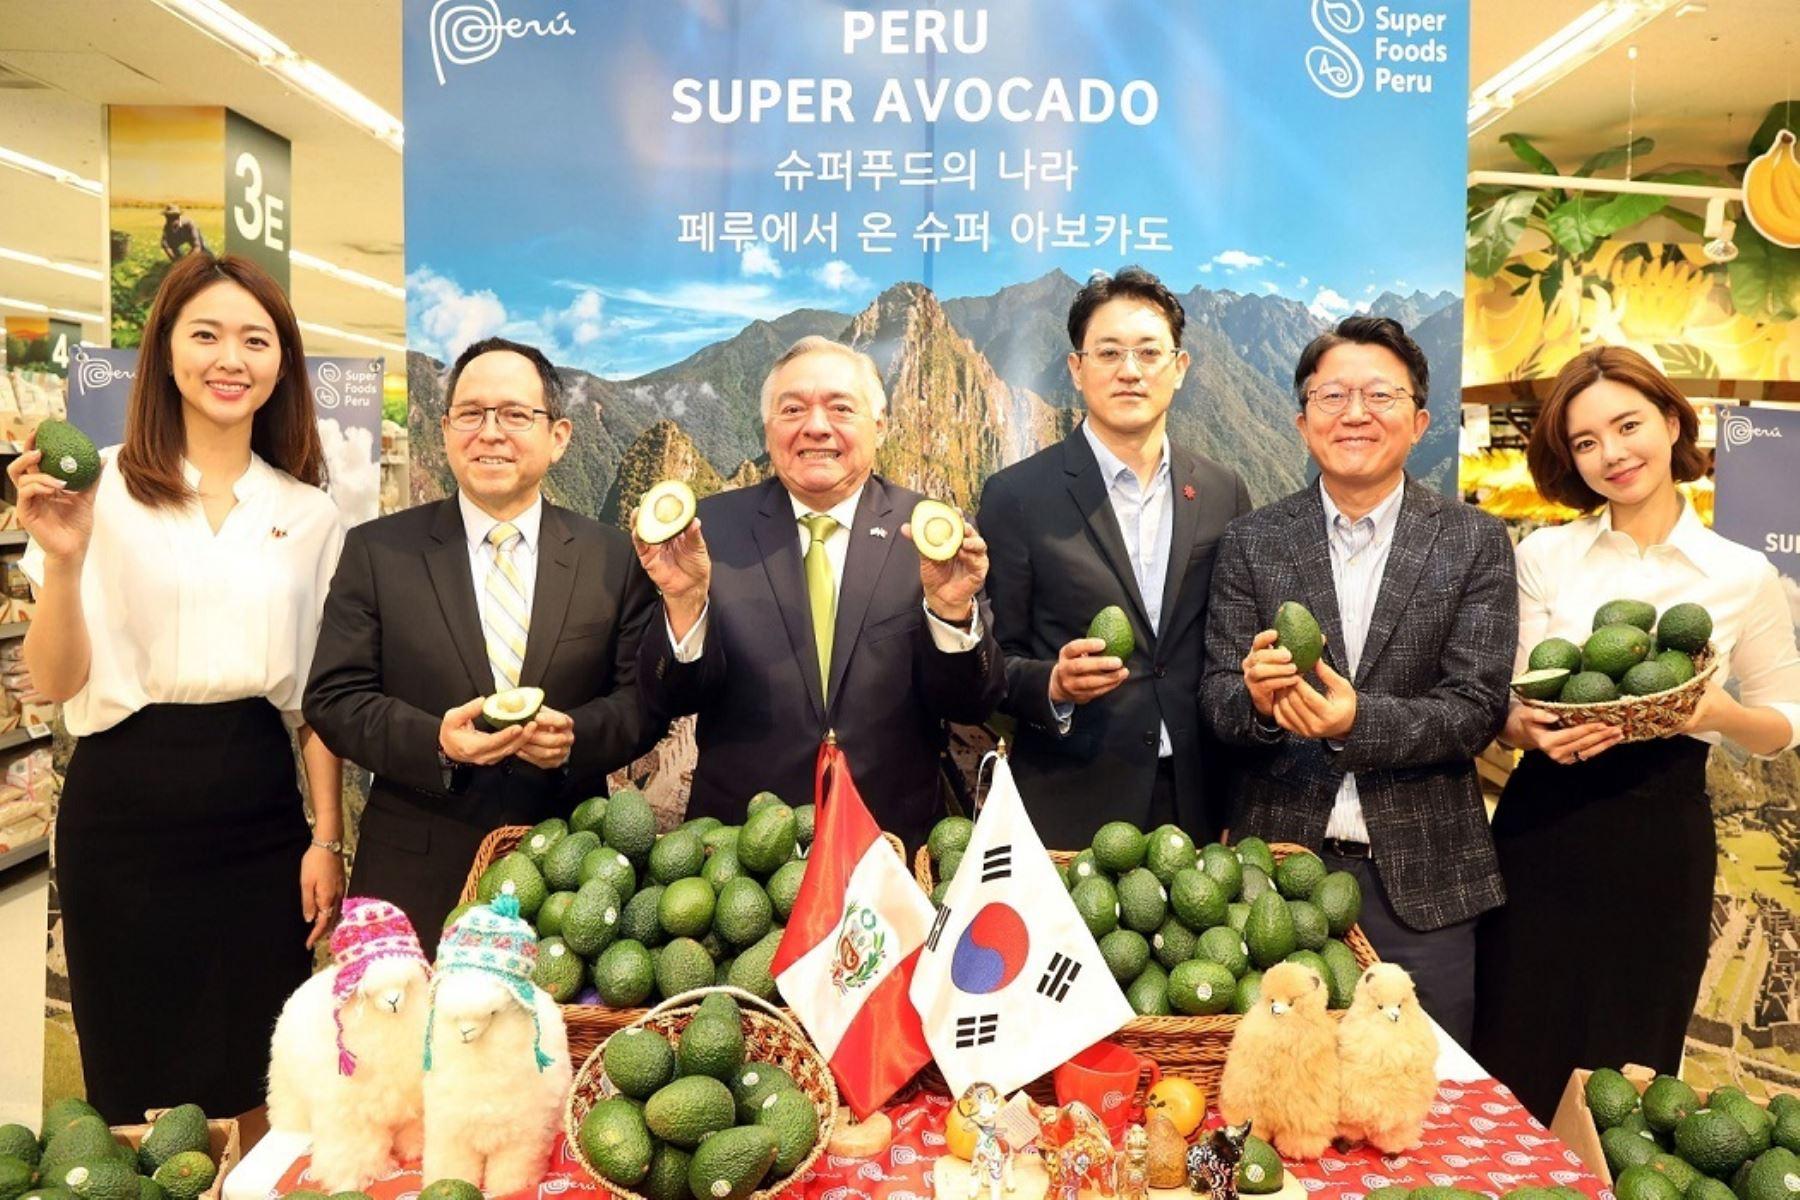 Palta peruana en Corea del Sur. Foto: Cortesía.